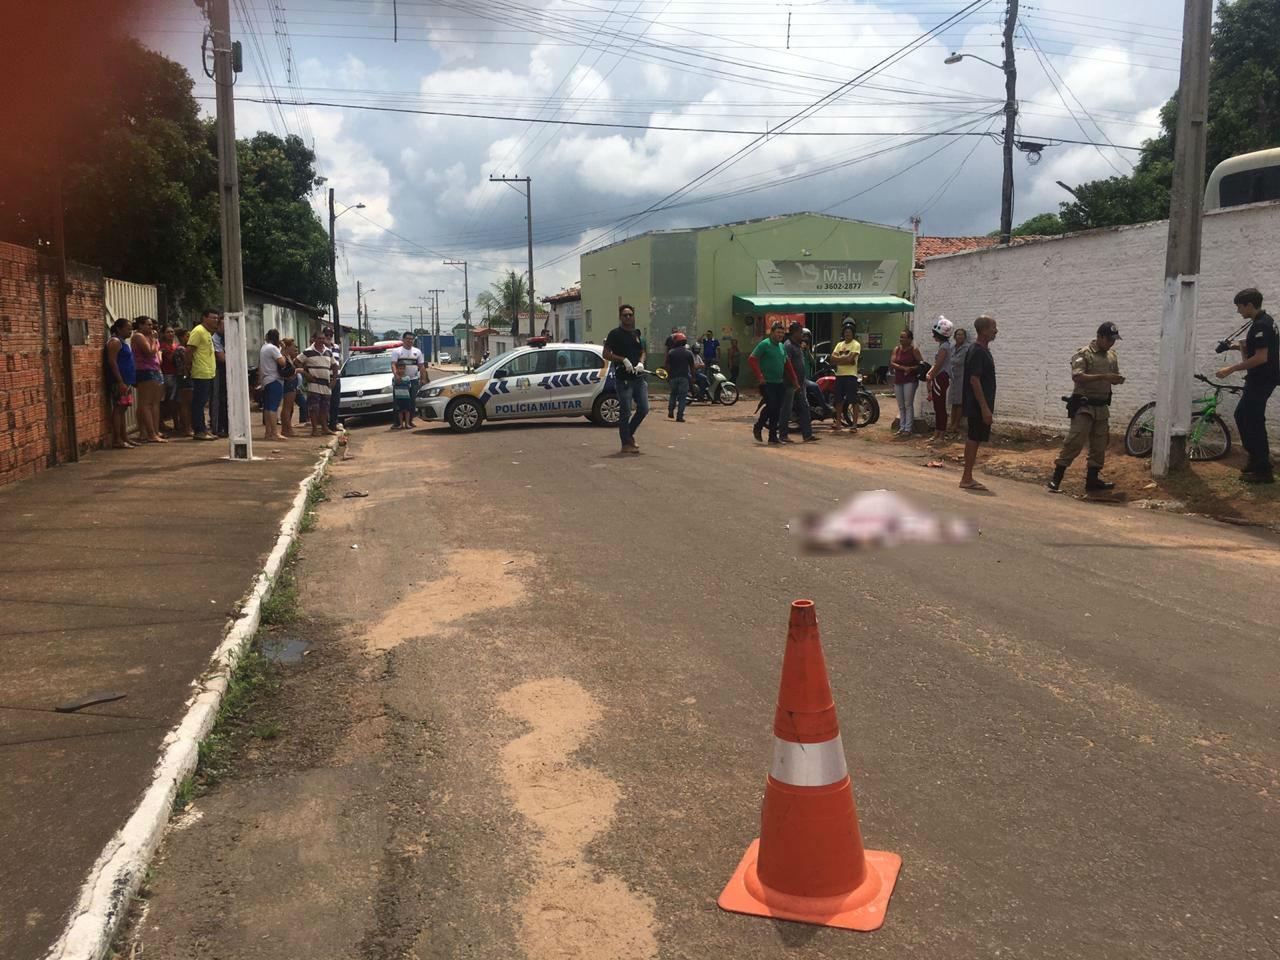 Homem morre e outro fica ferido após acidente entre carro e bicicleta, em Paraíso do Tocantins - Notícias - Plantão Diário